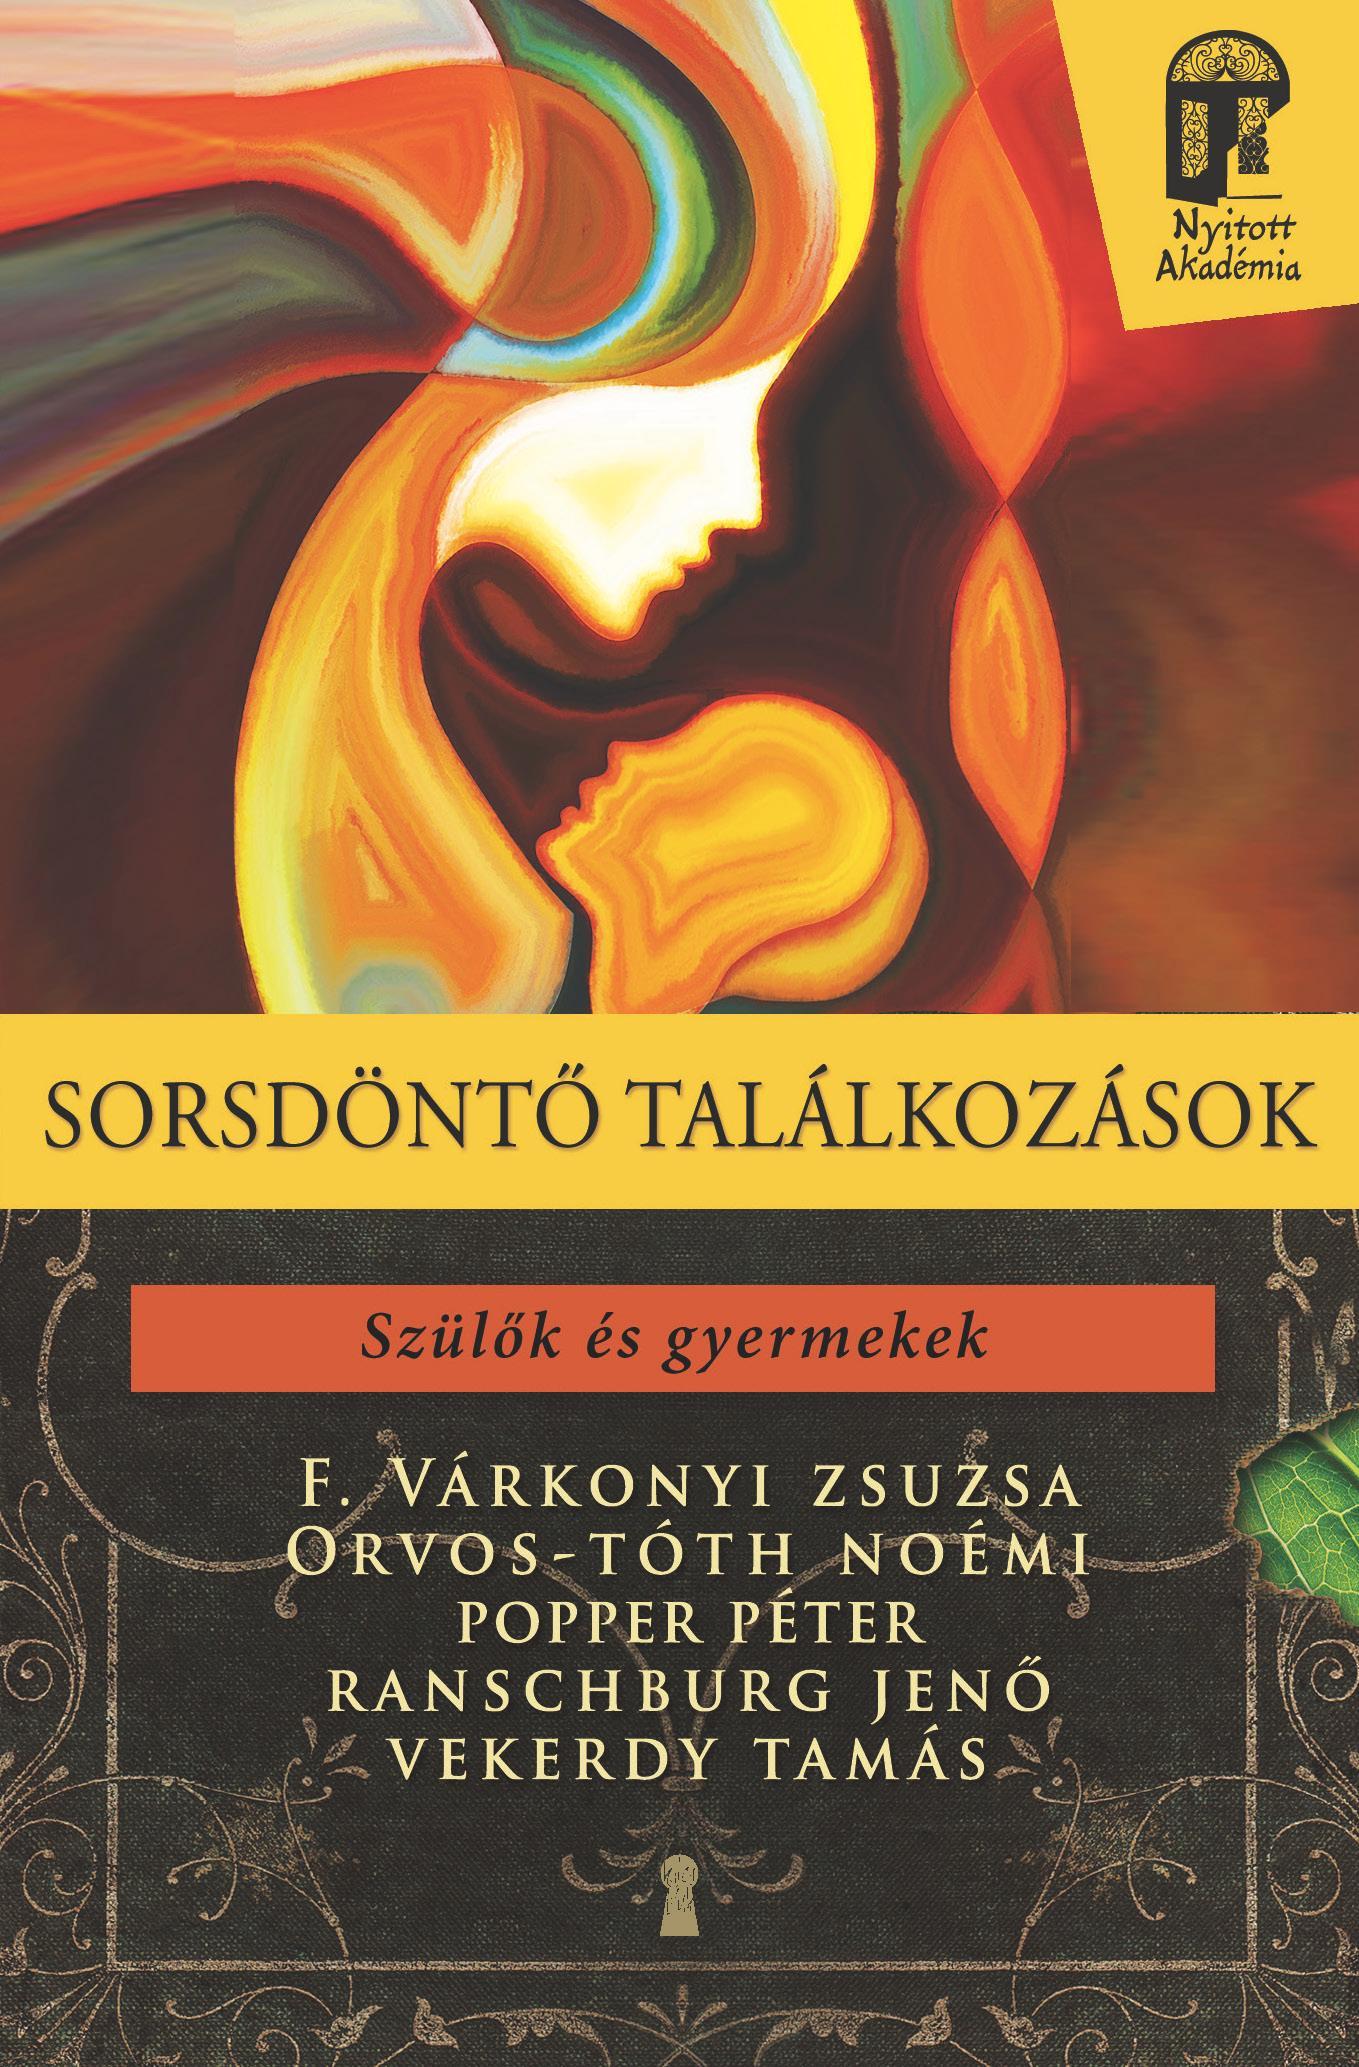 F. VÁRKONYI ZSUZSA - ORVOS-TÓTH NOÉMI - - SORSDÖNTŐ TALÁLKOZÁSOK - SZÜLŐK ÉS GYERMEKEK